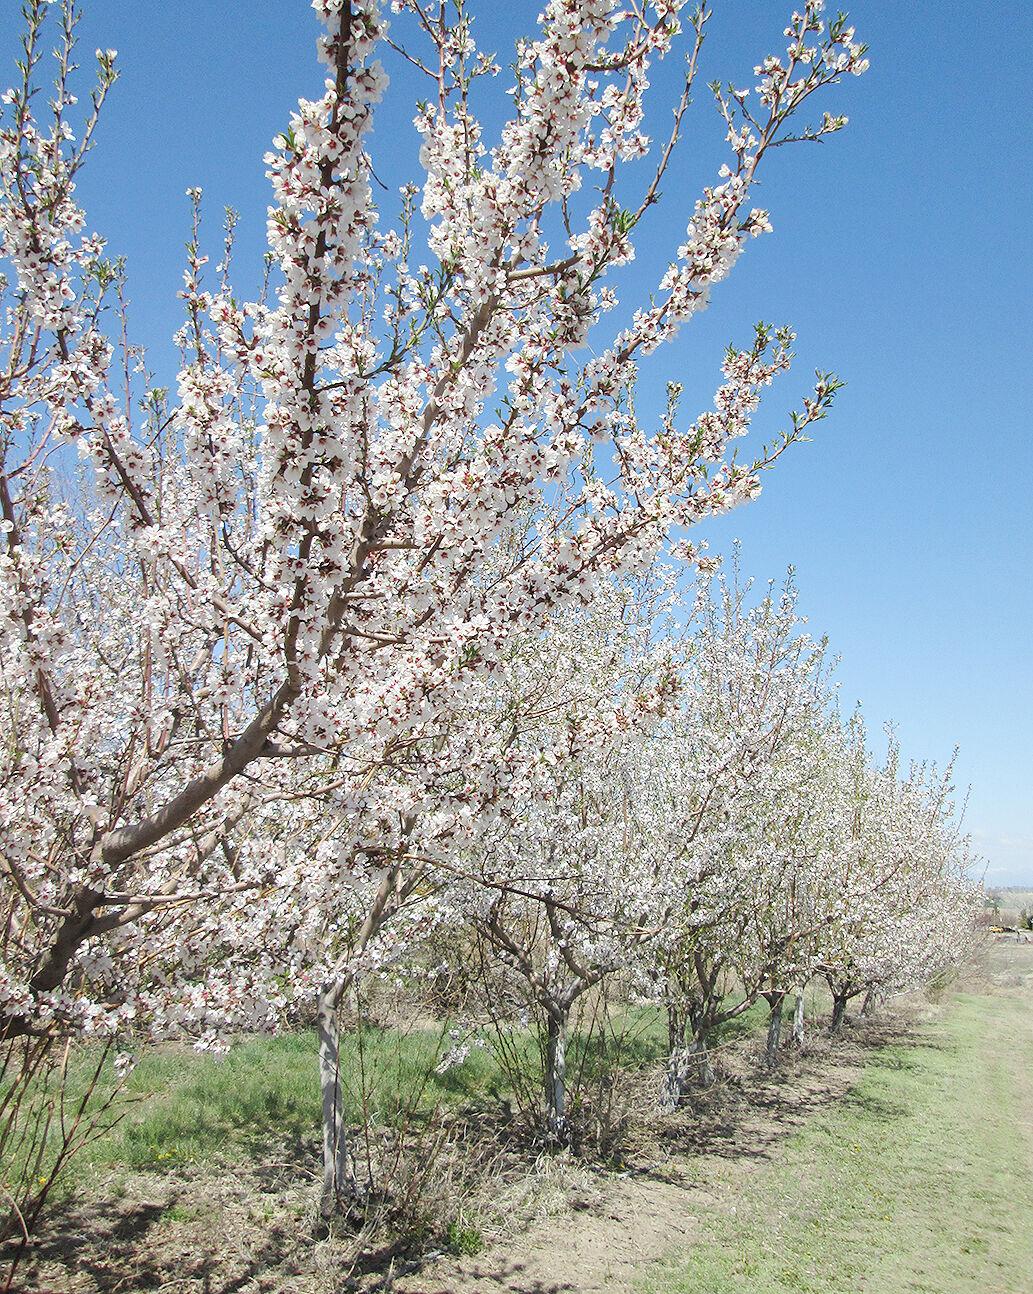 almonds bloom UI Parma 041521JPG.JPG